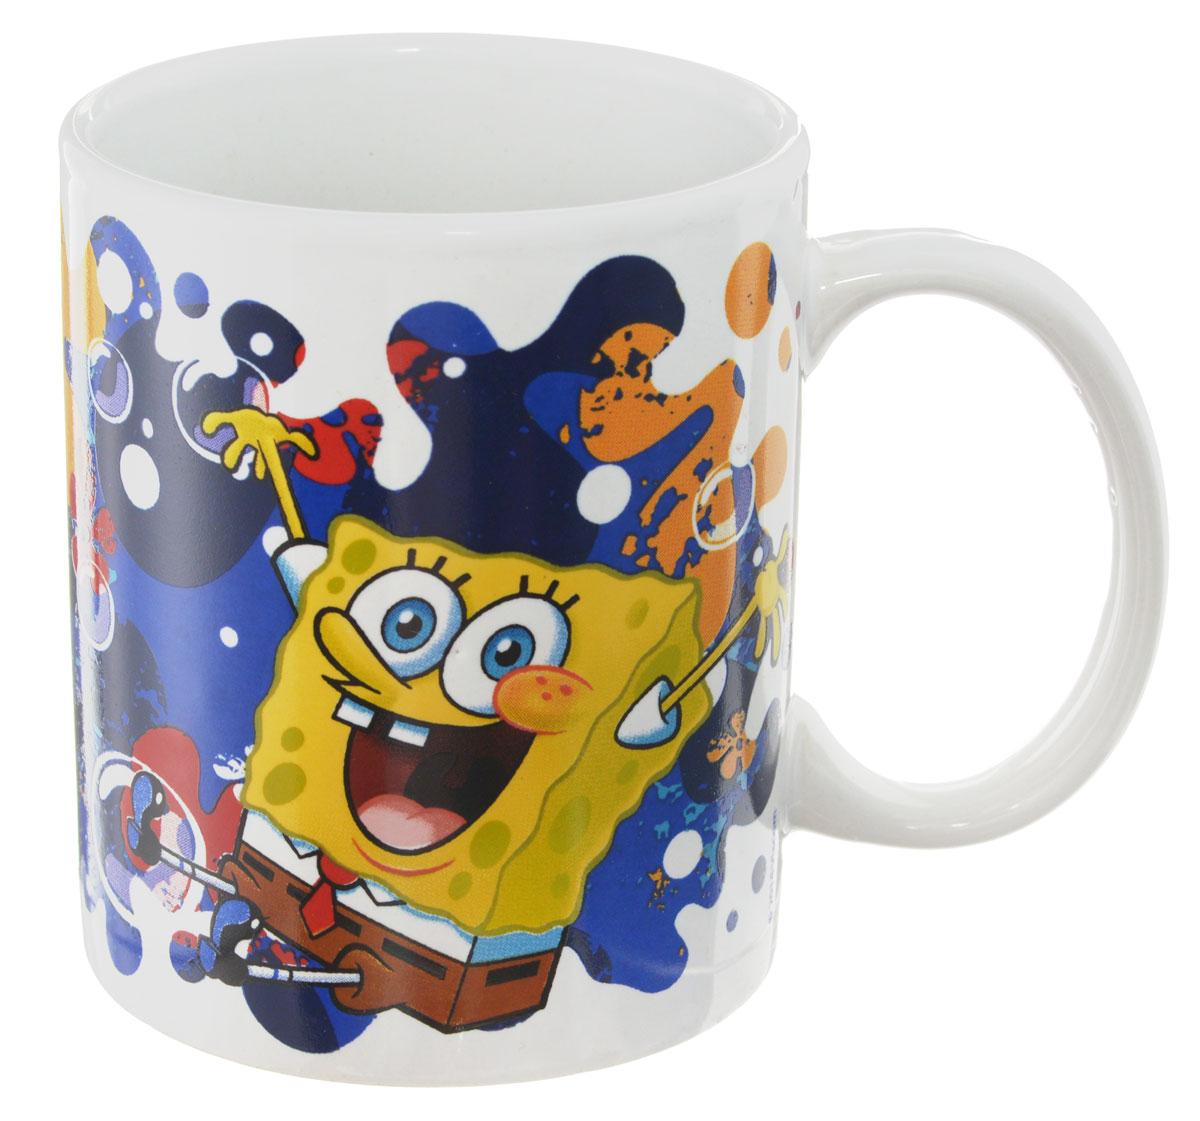 Губка Боб Кружка детская Океан счастья 330 млSBM330-3Детская кружка Губка Боб Океан счастья с любимыми героями станет отличным подарком для вашего ребенка. Она выполнена из керамики и оформлена изображением героев мультсериала Губка Боб. Кружка дополнена удобной ручкой. Такой подарок станет не только приятным, но и практичным сувениром: кружка будет незаменимым атрибутом чаепития, а оригинальное оформление кружки добавит ярких эмоций и хорошего настроения. Можно использовать в СВЧ-печи и посудомоечной машине.